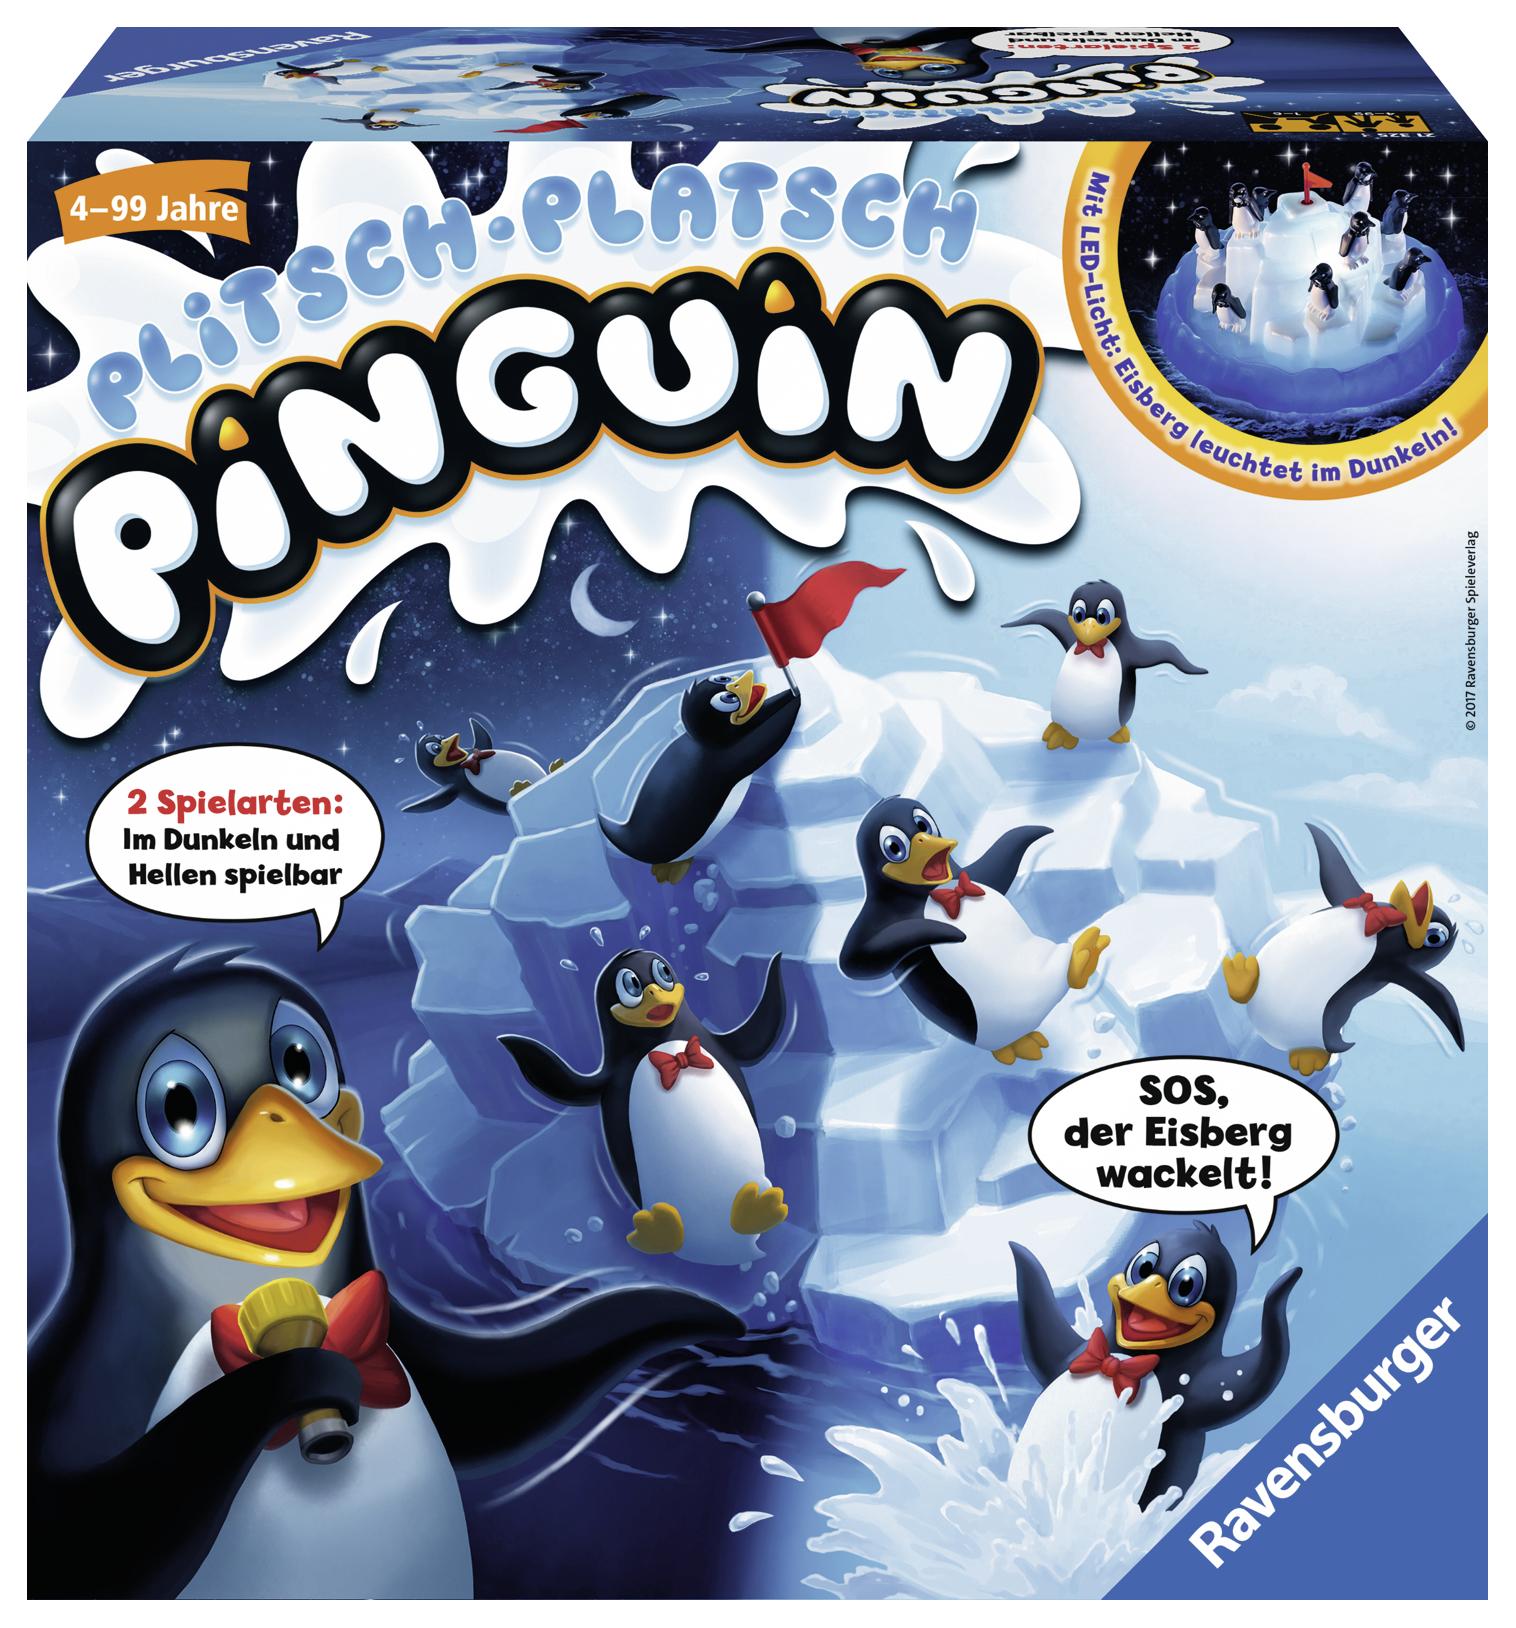 Pinguin Spiele Kostenlos